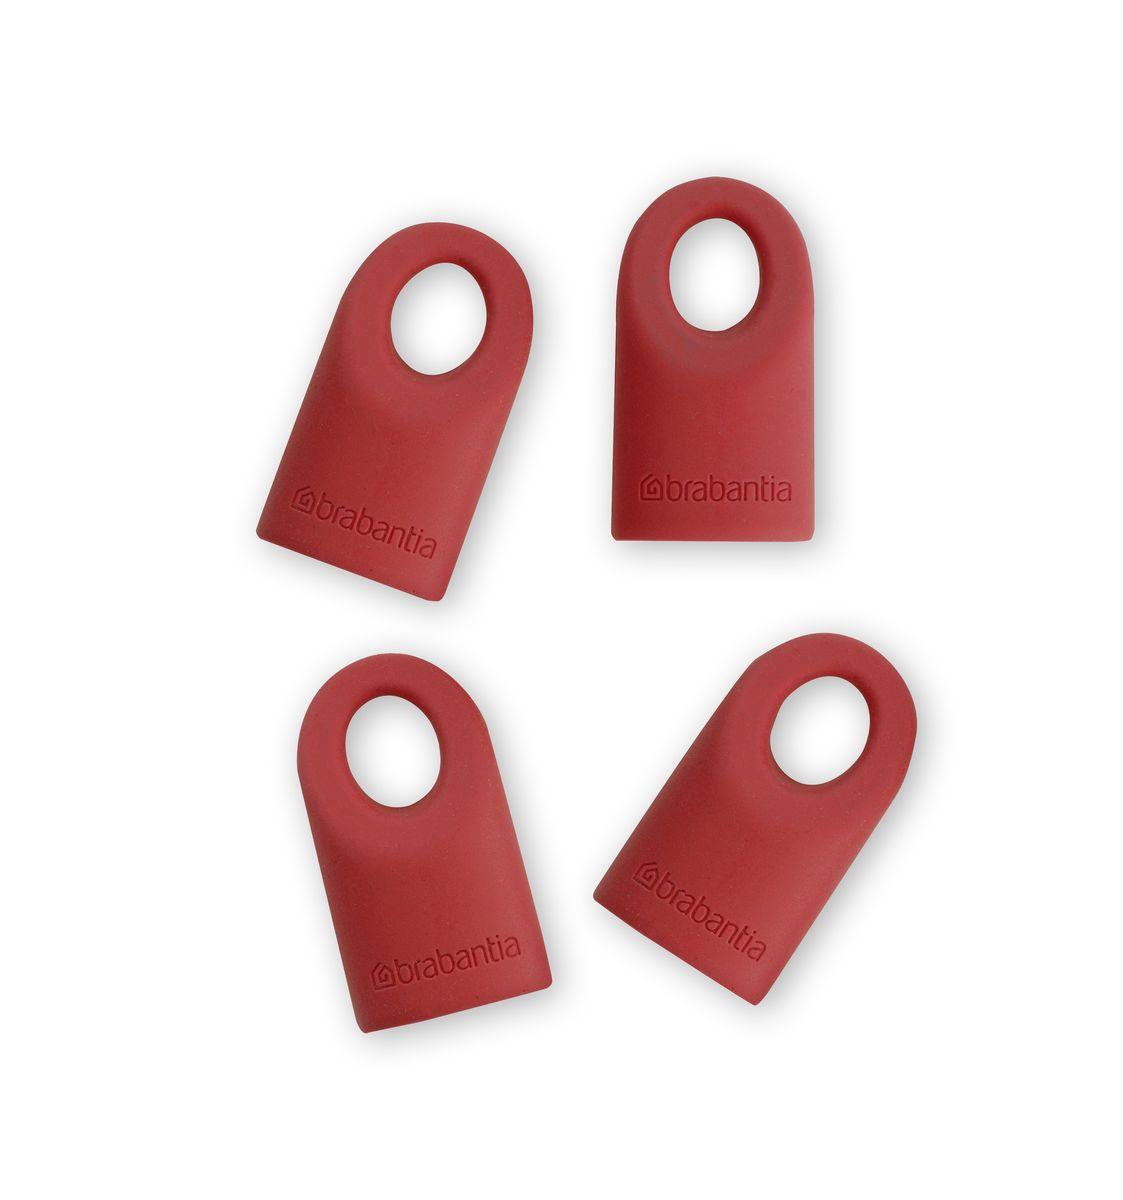 Силиконовые колпачки Brabantia Accent, цвет: красный, 4 шт464003Силиконовые колпачки Brabantia Accent предназначены для кухонных принадлежностей линии Accent. Просто наденьте колпачок на нужную кухонную принадлежность. Используя съемные колпачки разных цветов, вы можете создавать свой оригинальный стиль. Колпачки оснащены специальными отверстиями для крючков. Длина колпачка: 4 см.